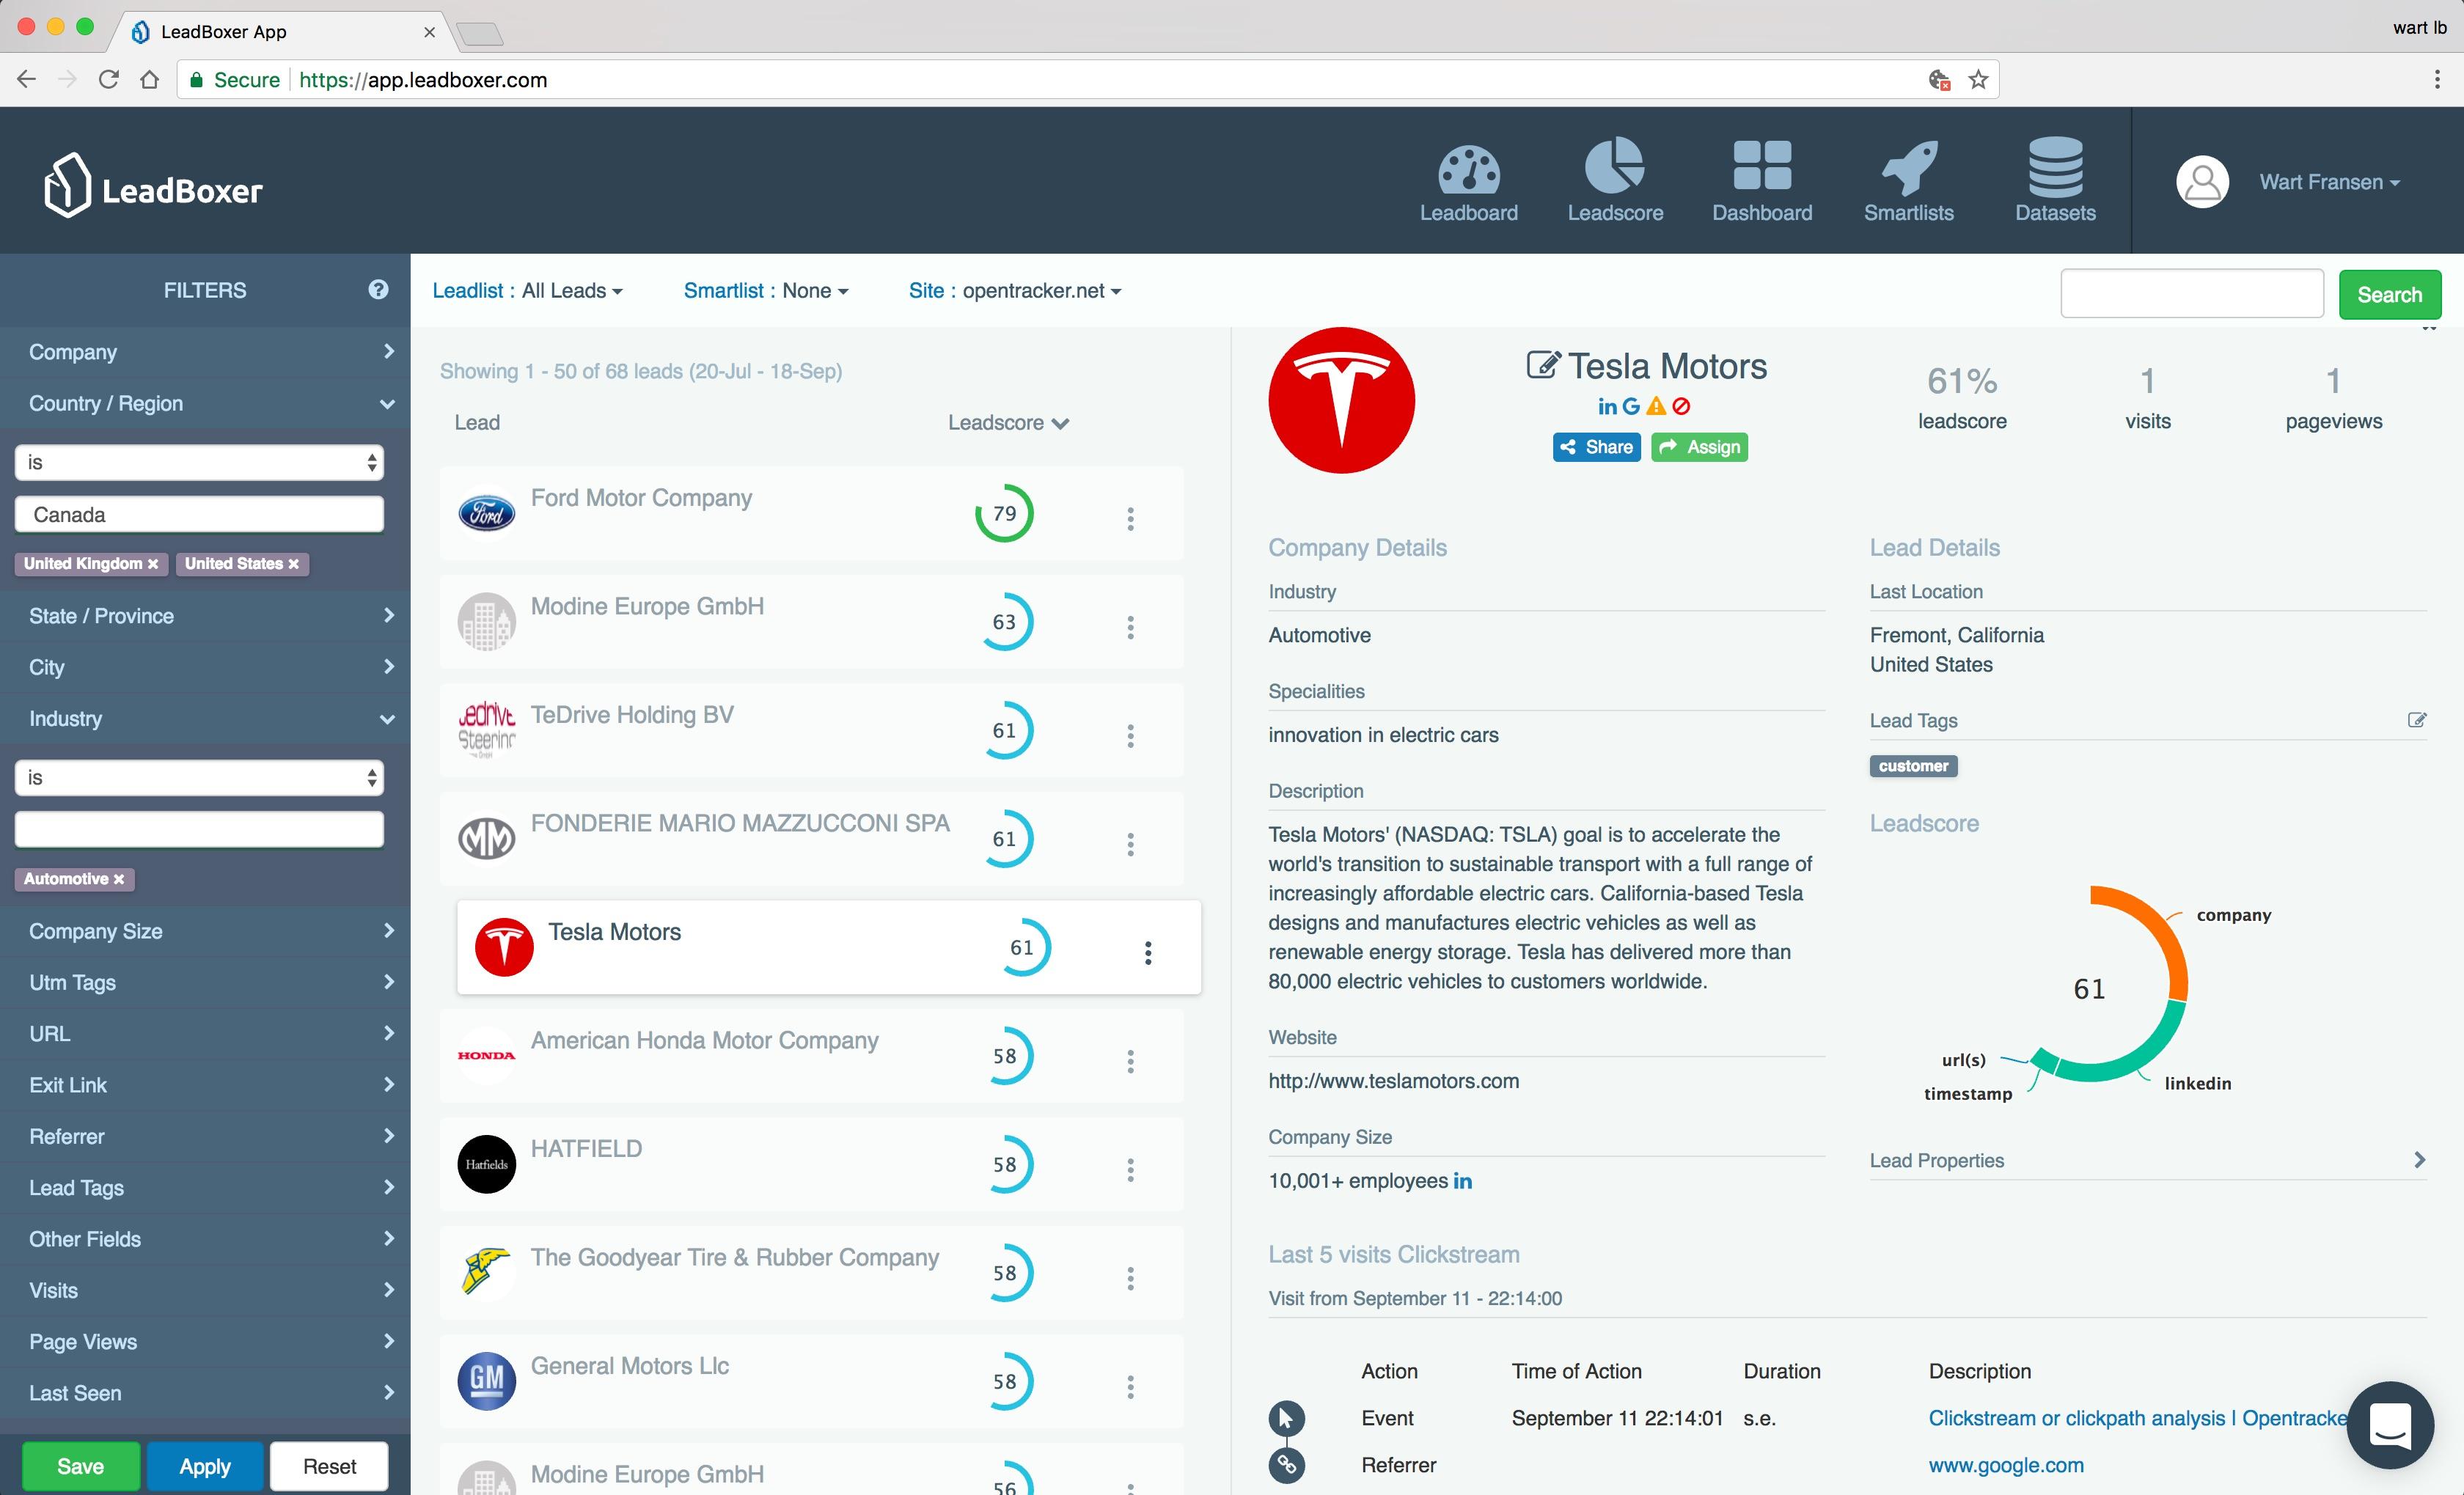 LeadBoxer Demo - LeadBoxer App